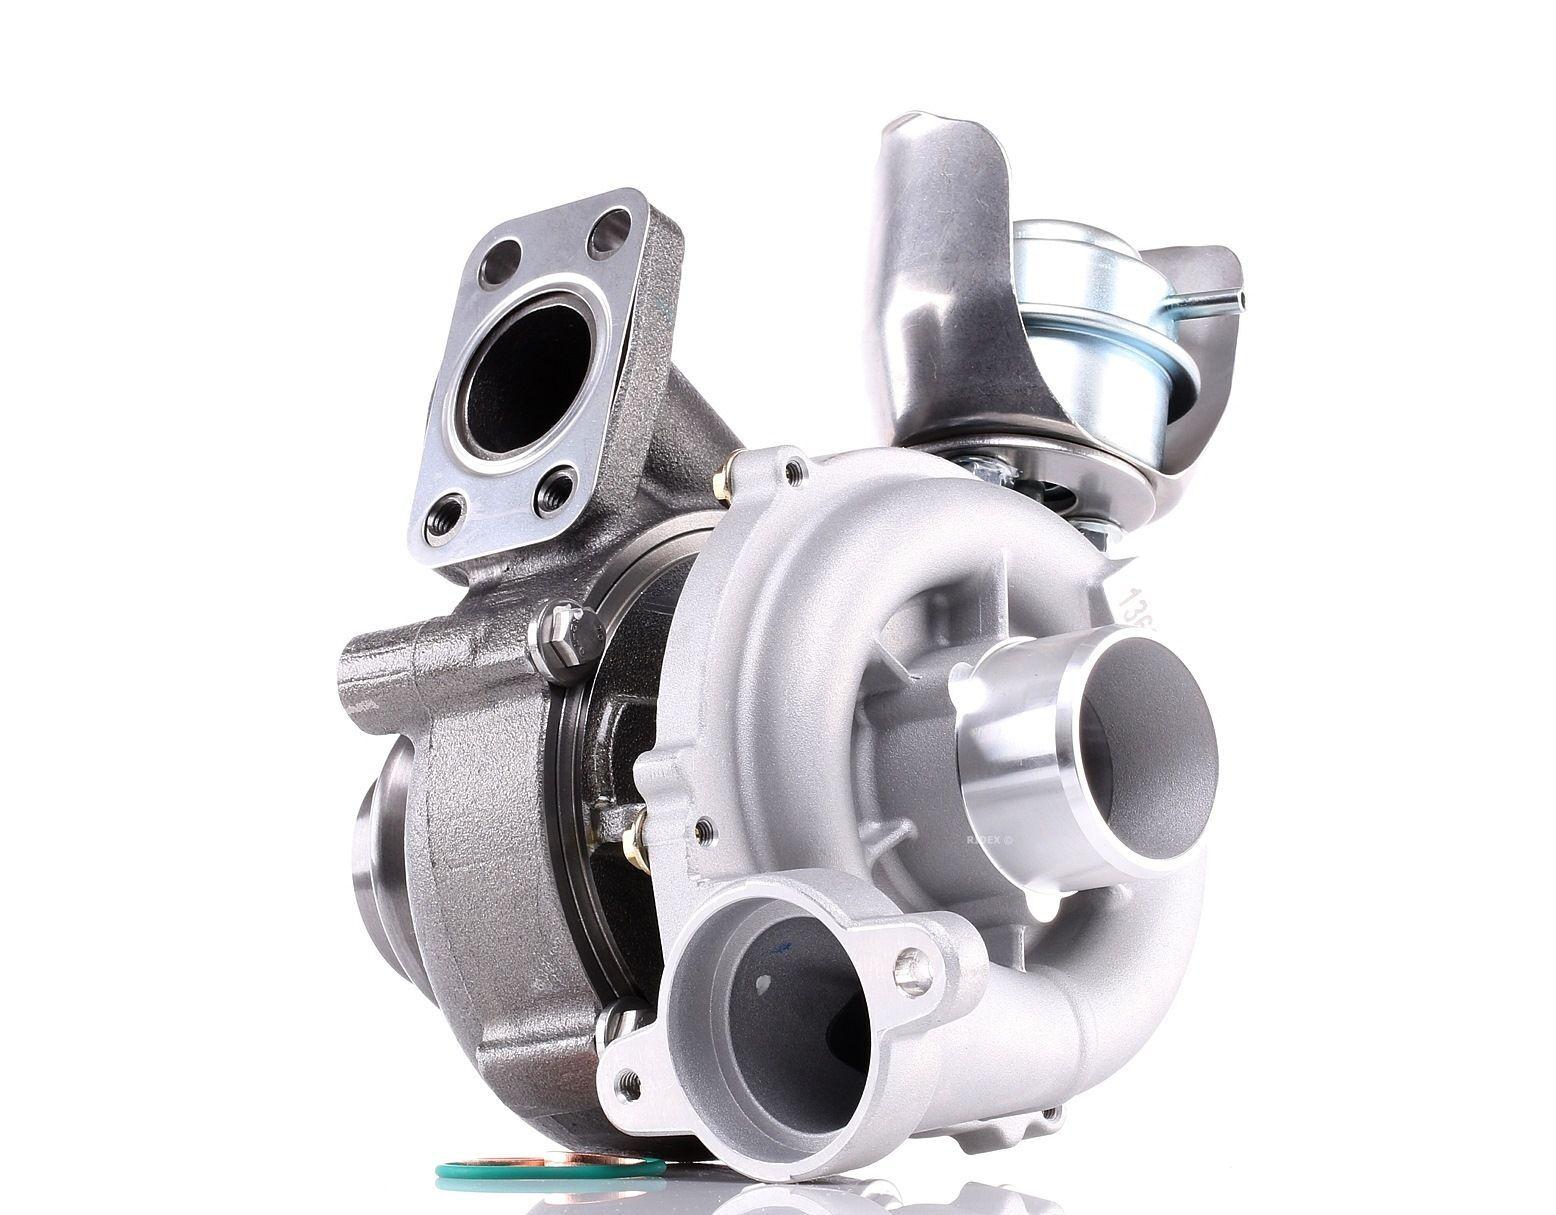 RIDEX Turbocompresseur 2234C0016 Compresseur Turbo,Turbocompresseur, suralimentation MAZDA,VOLVO,MINI,3 BK,3 Sedán BK,V50 MW,C30,S40 II MS,S80 II AS